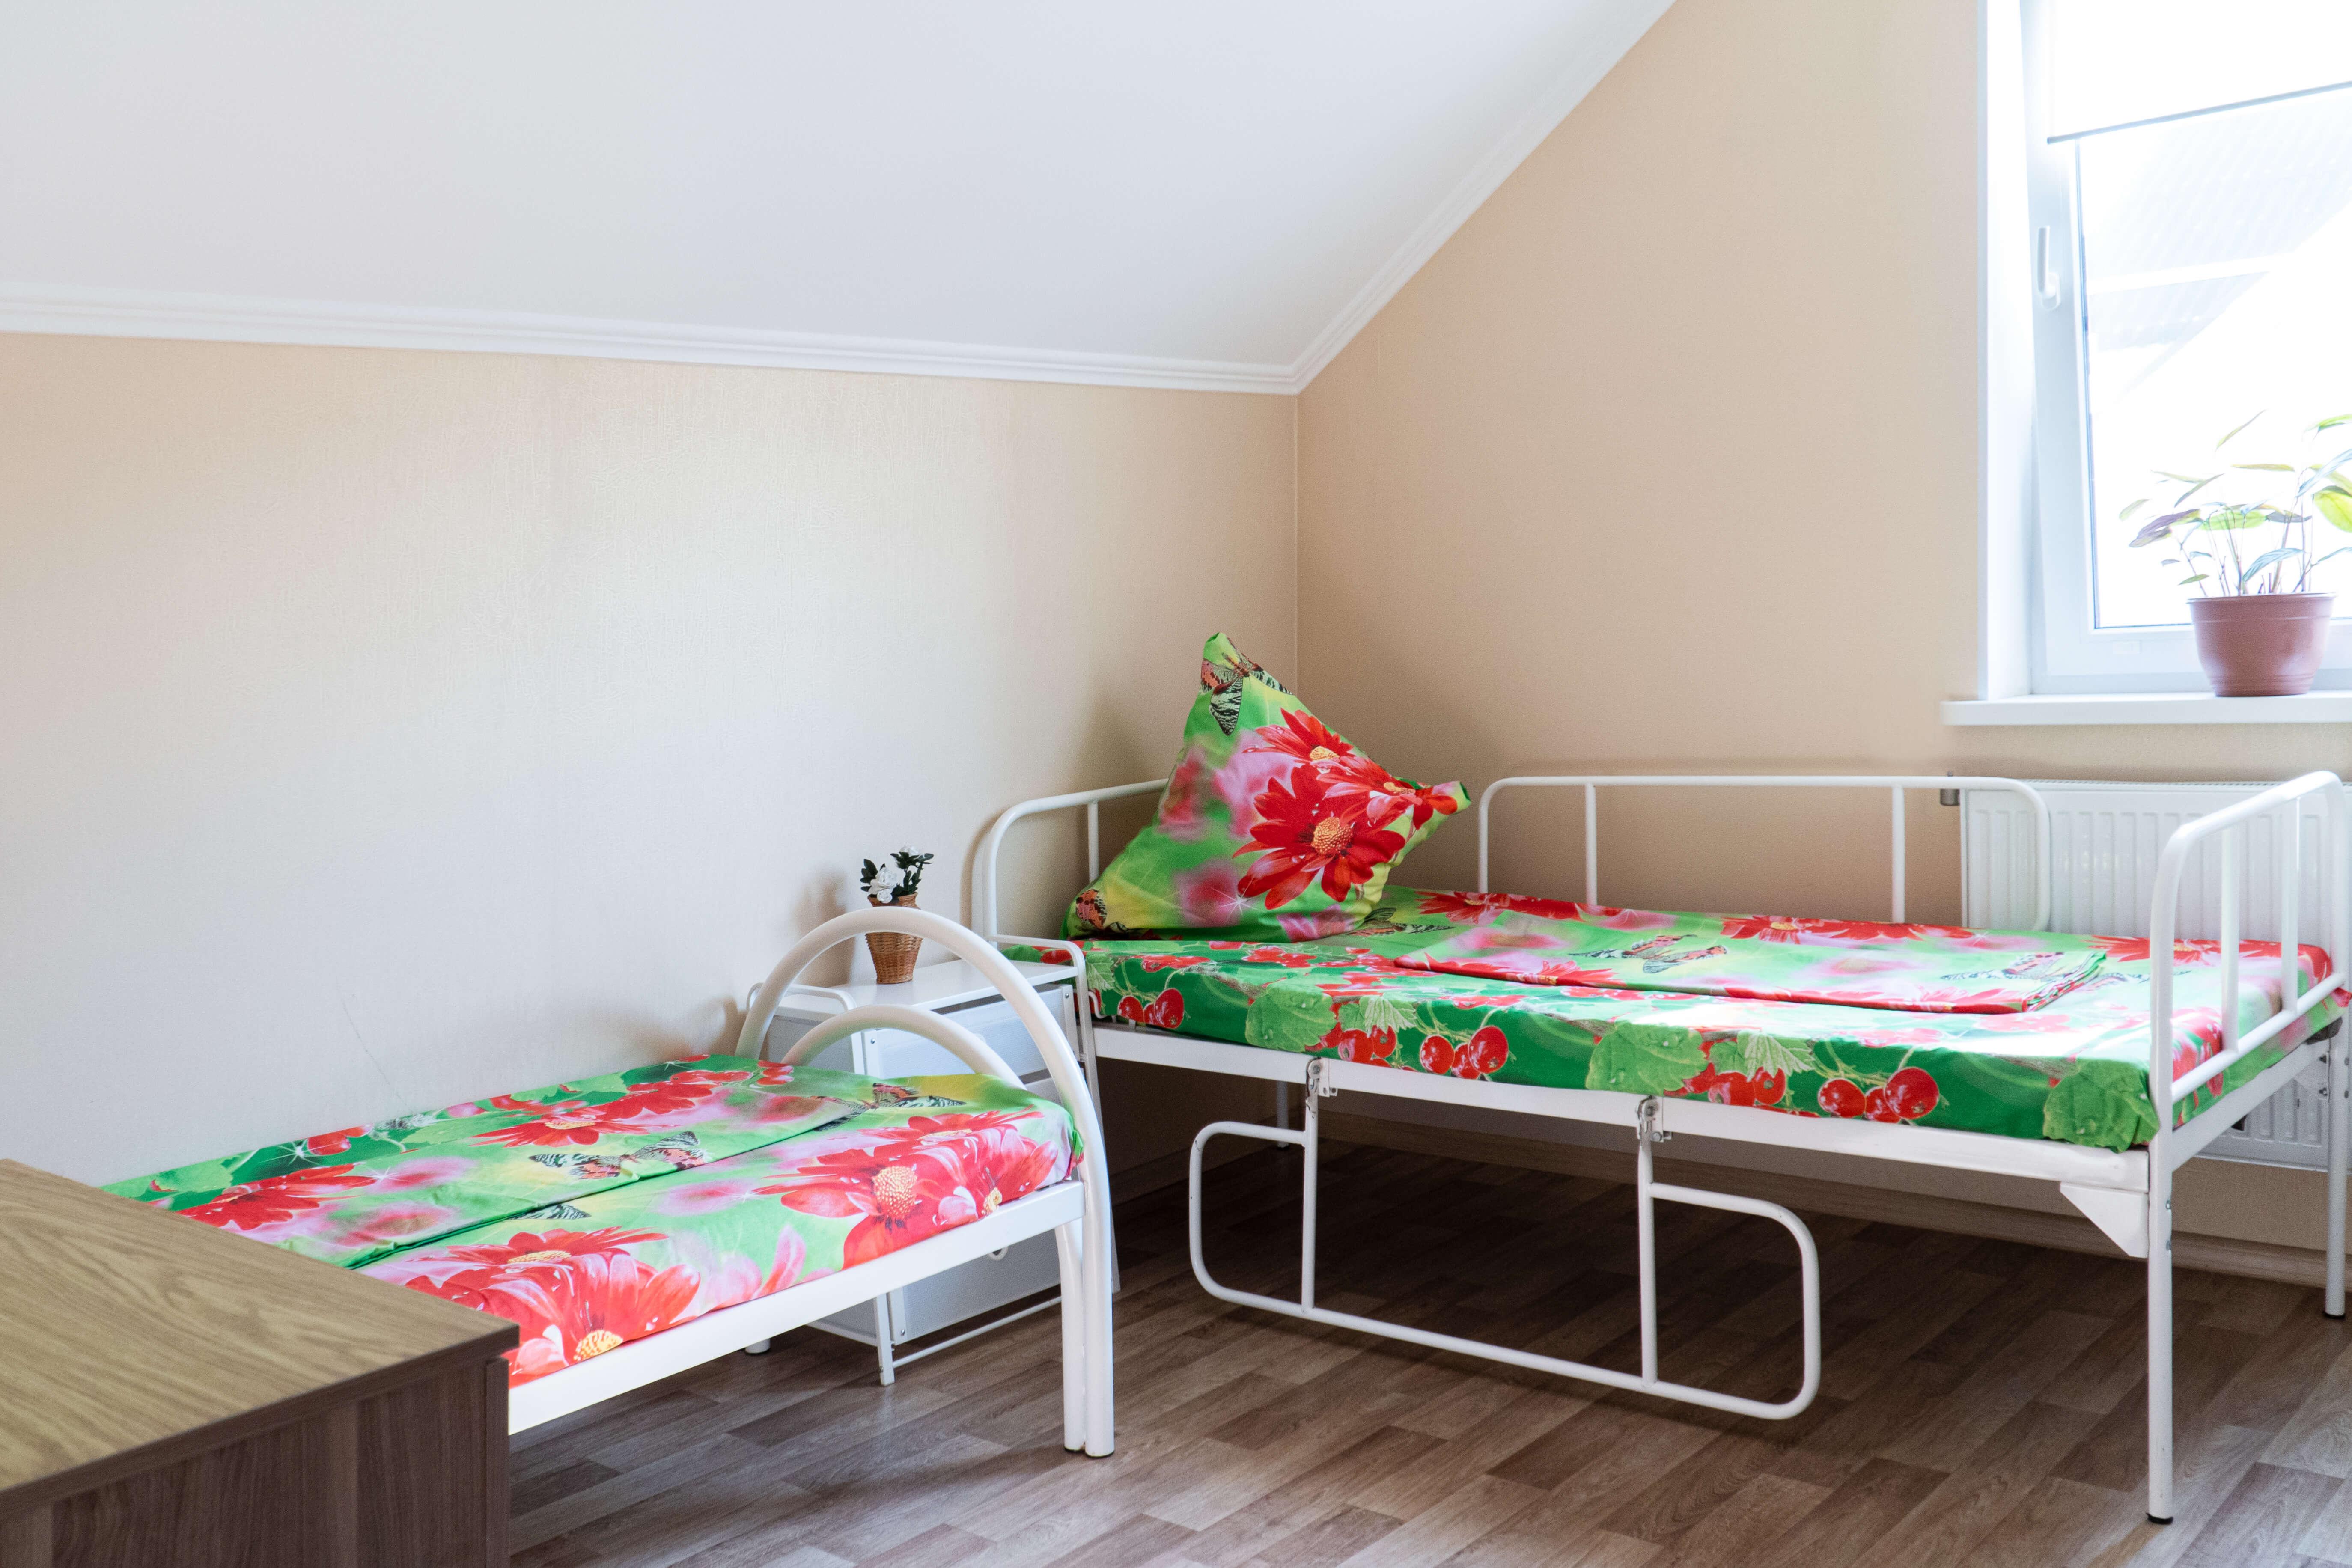 Оборудованная комната для лежачих пожилых людей в пансионате Молоково